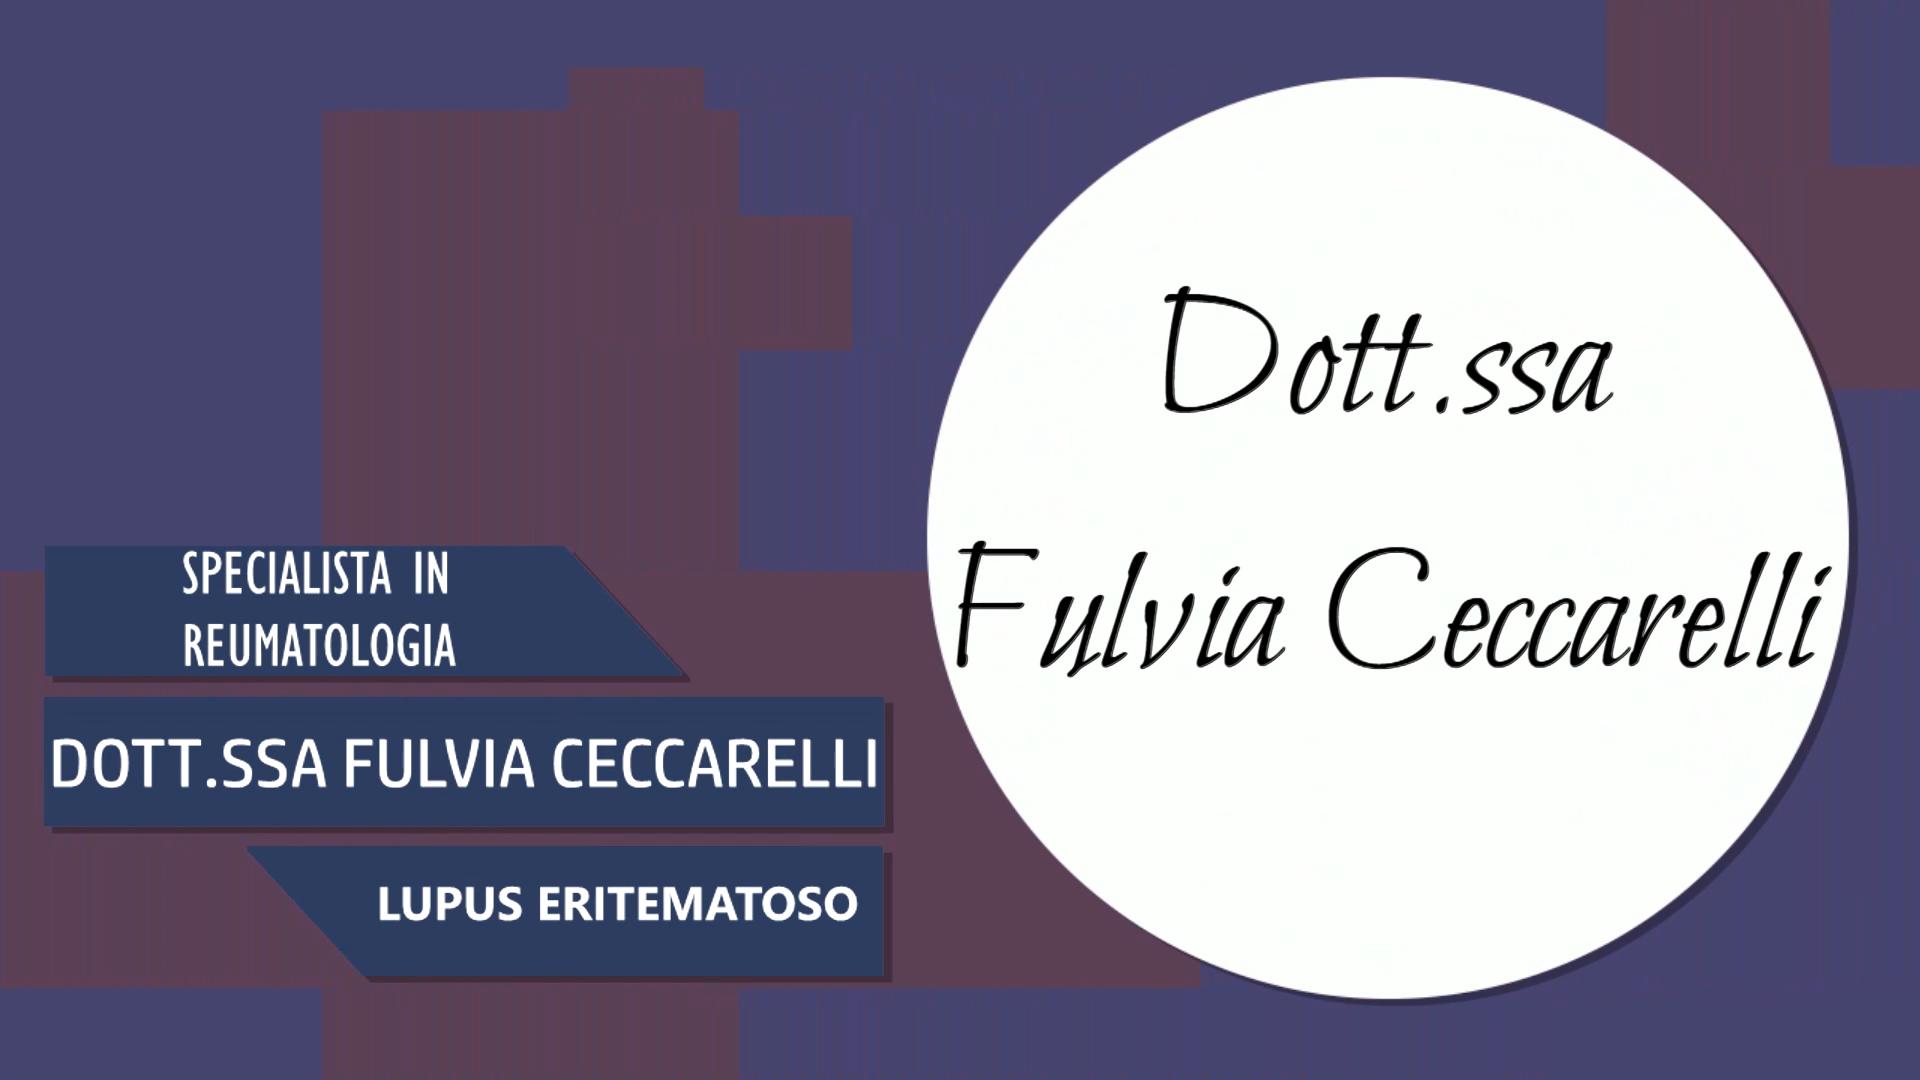 Intervista alla Dott.ssa Fulvia Cerccarelli – Specialista in reumatologia